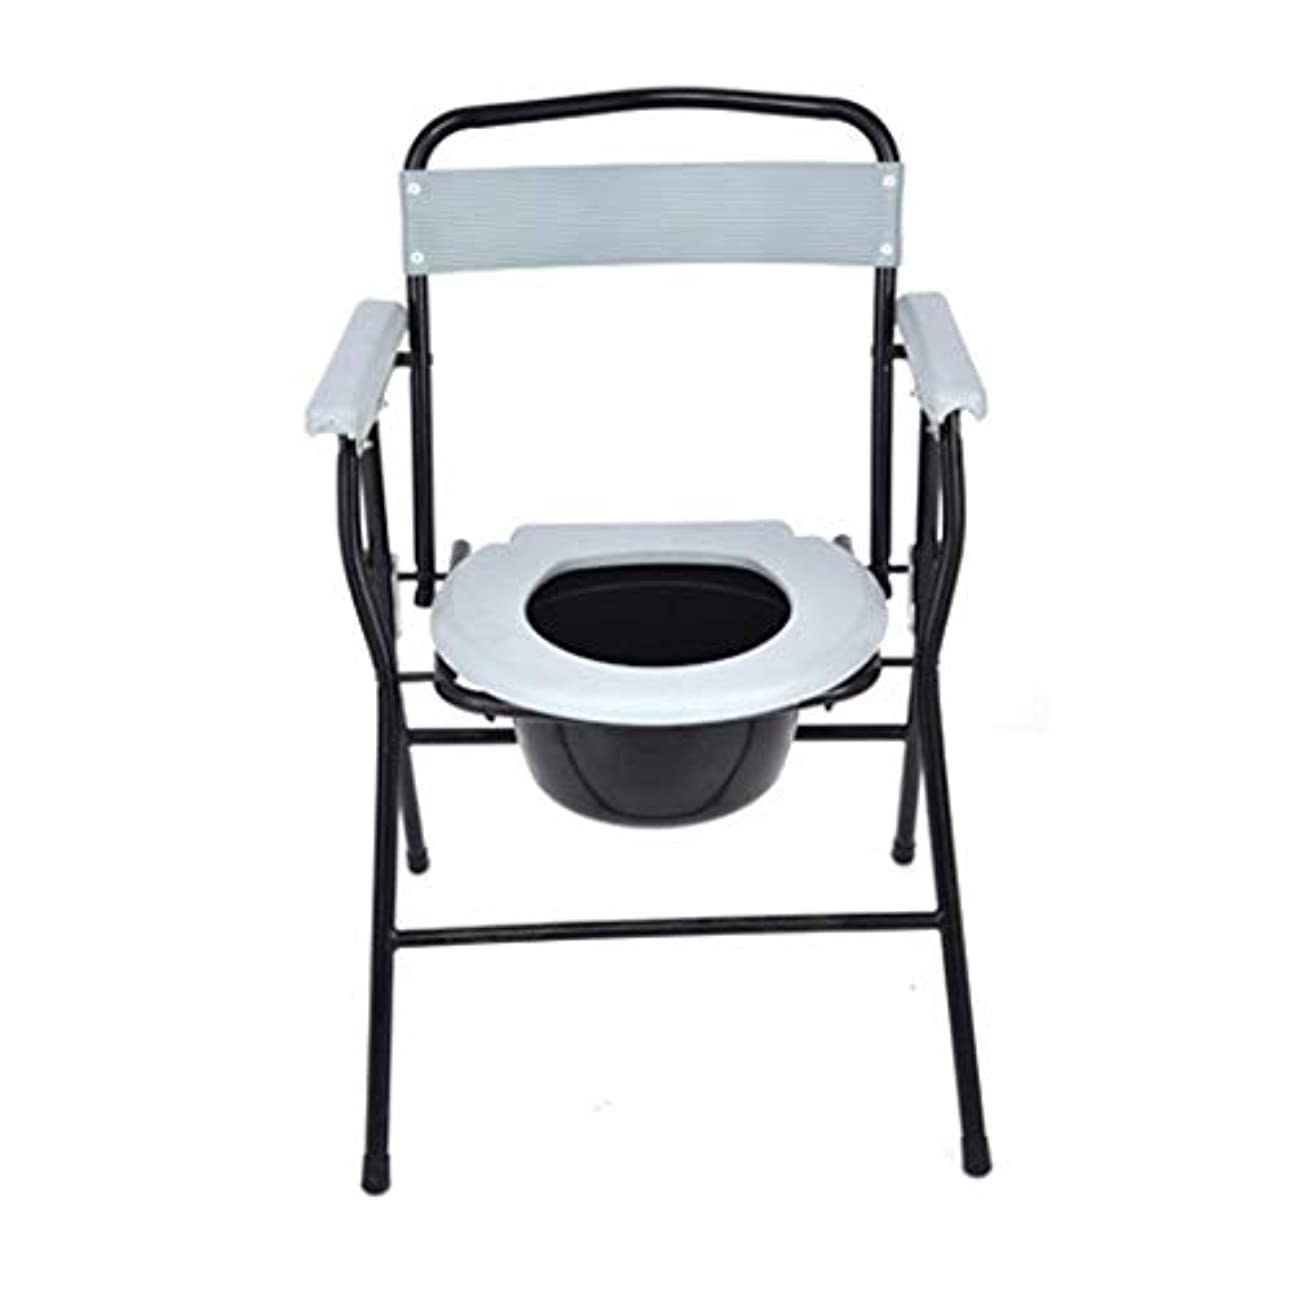 十億破滅スーパーマーケット妊娠中の女性高齢者障害者のためのポータブルトイレ便座フレーム、モバイルトイレ老人障害者用椅子、